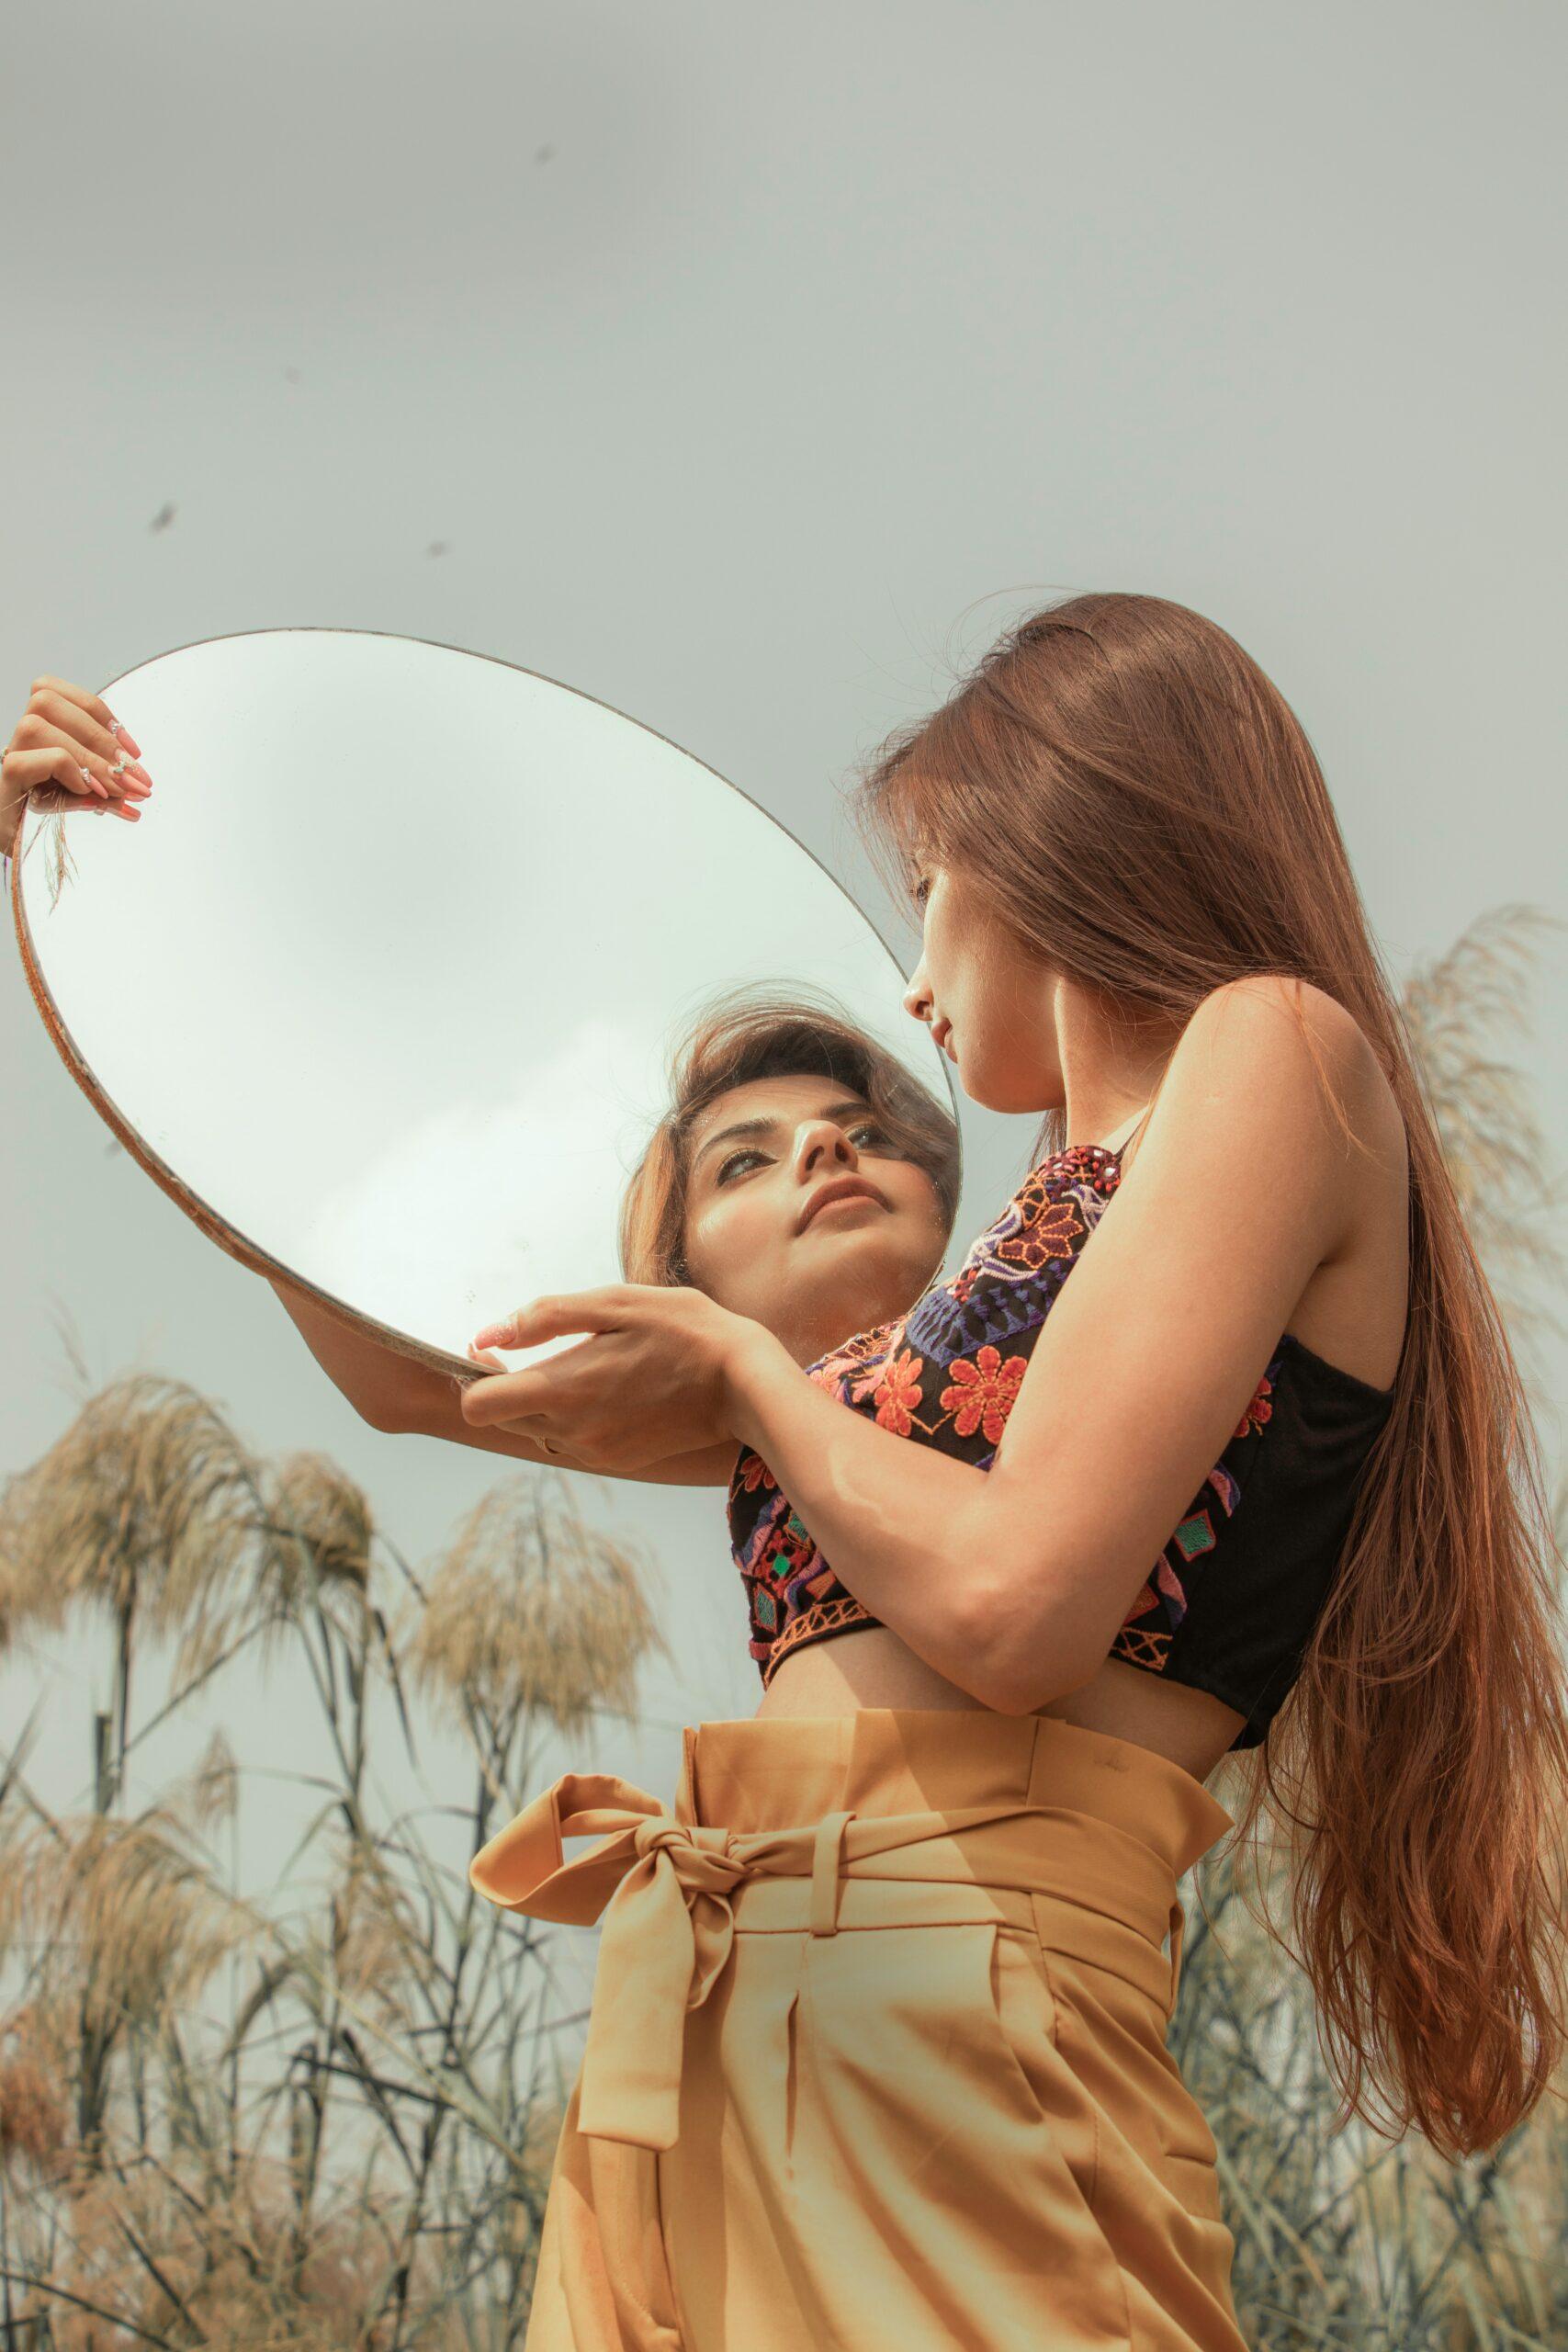 Frau, die einen Spiegel hält